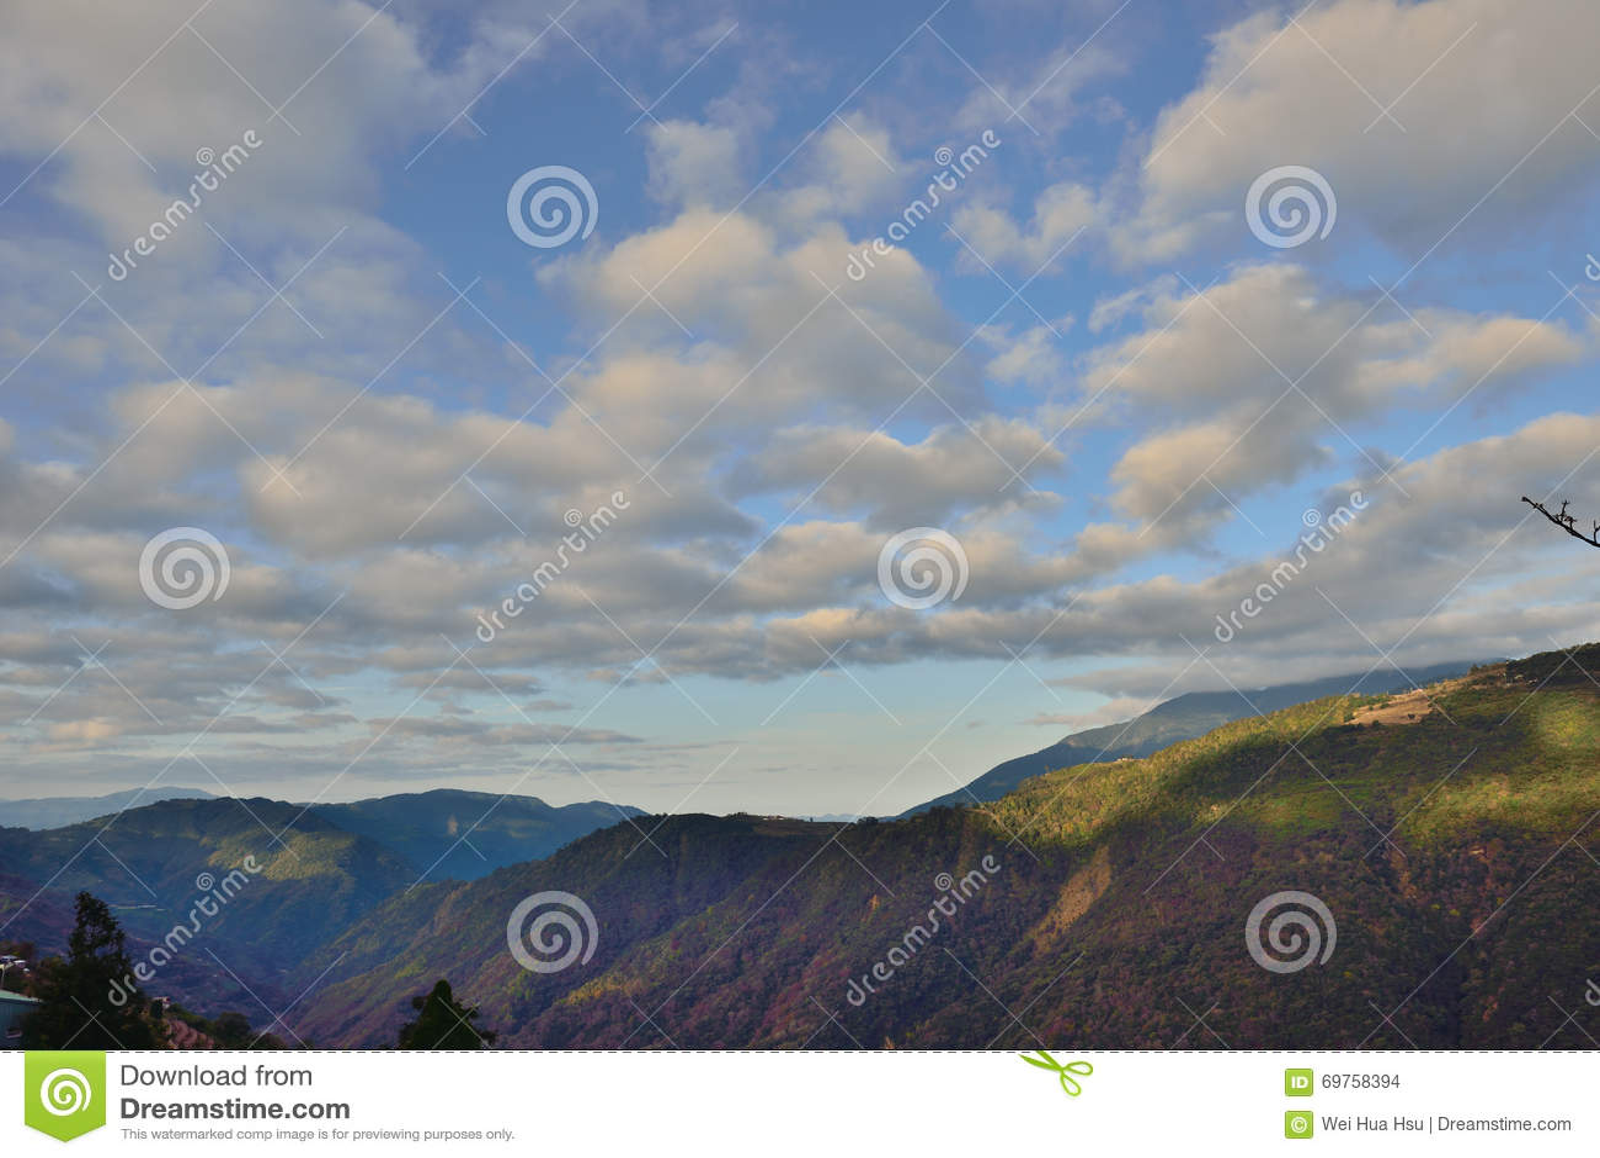 Piliśmy w pięknie krajobraz Piękna sceneria zyskiwał miejsce zupełnie reputacja